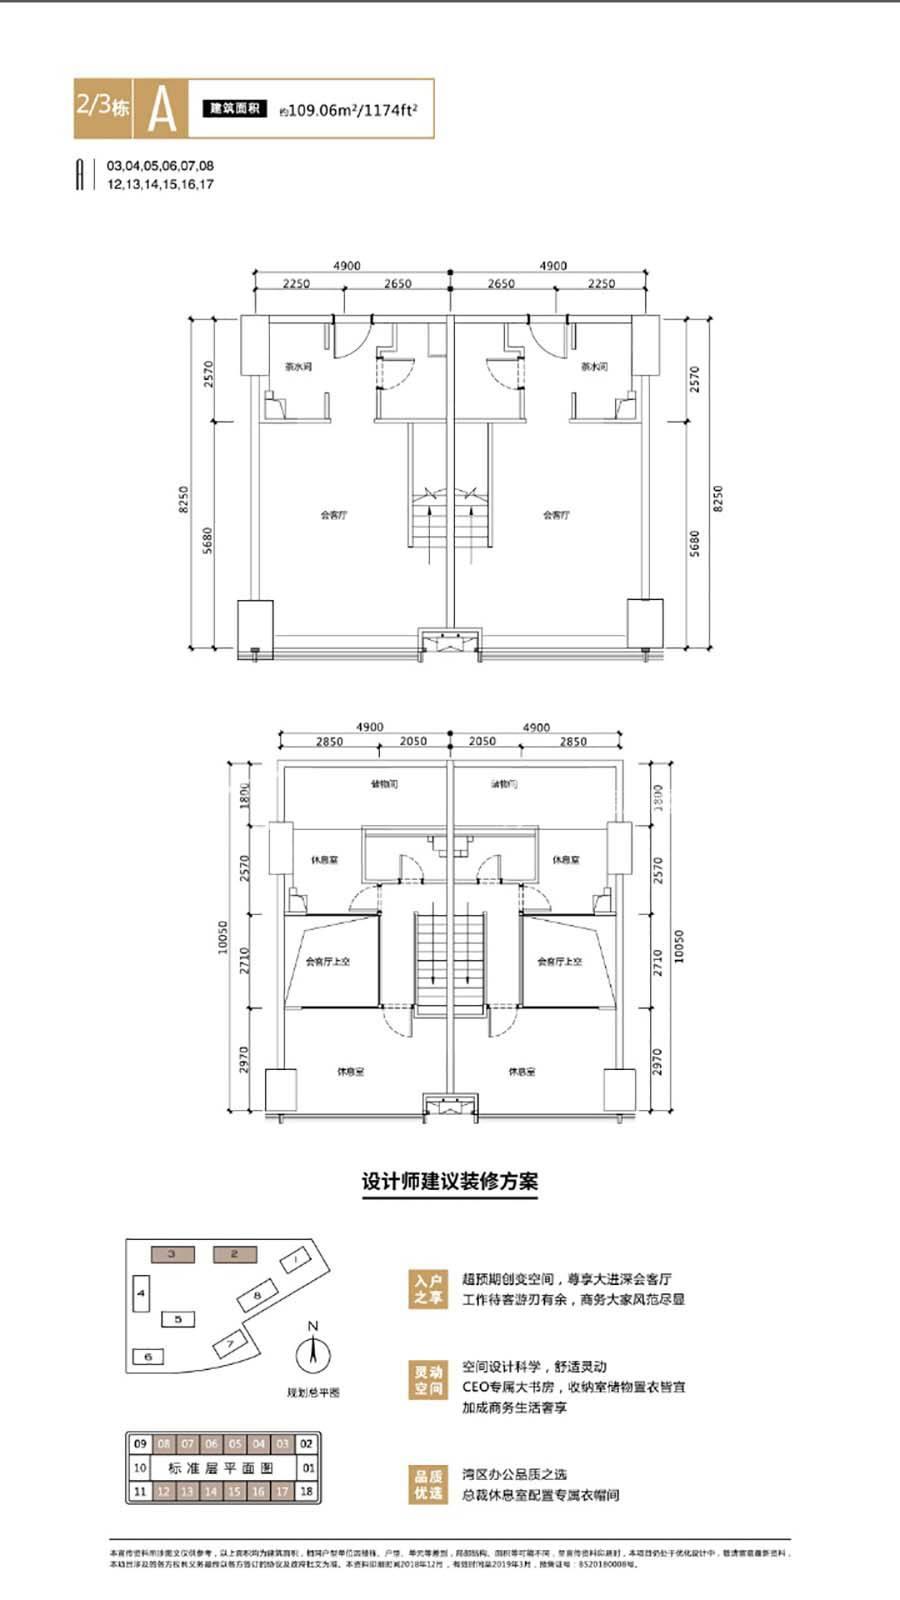 珠海泰禾中央广场2/3栋A户型/建筑面积:约109.06m²